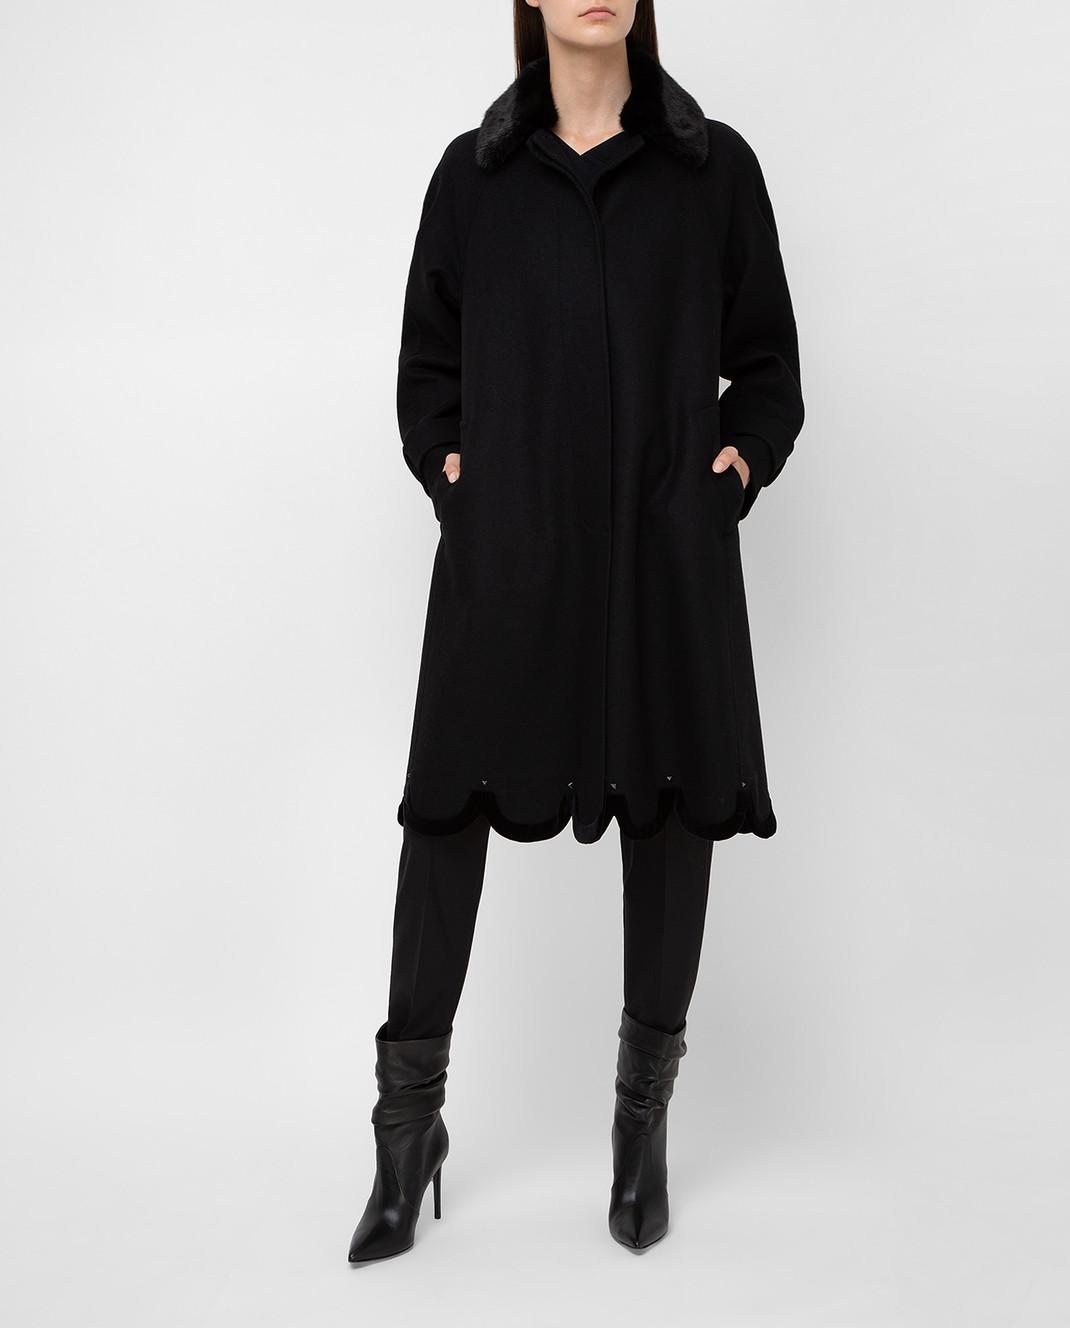 Valentino Черное пальто из шерсти с мехом норки QB3CA2Q51CJ изображение 2